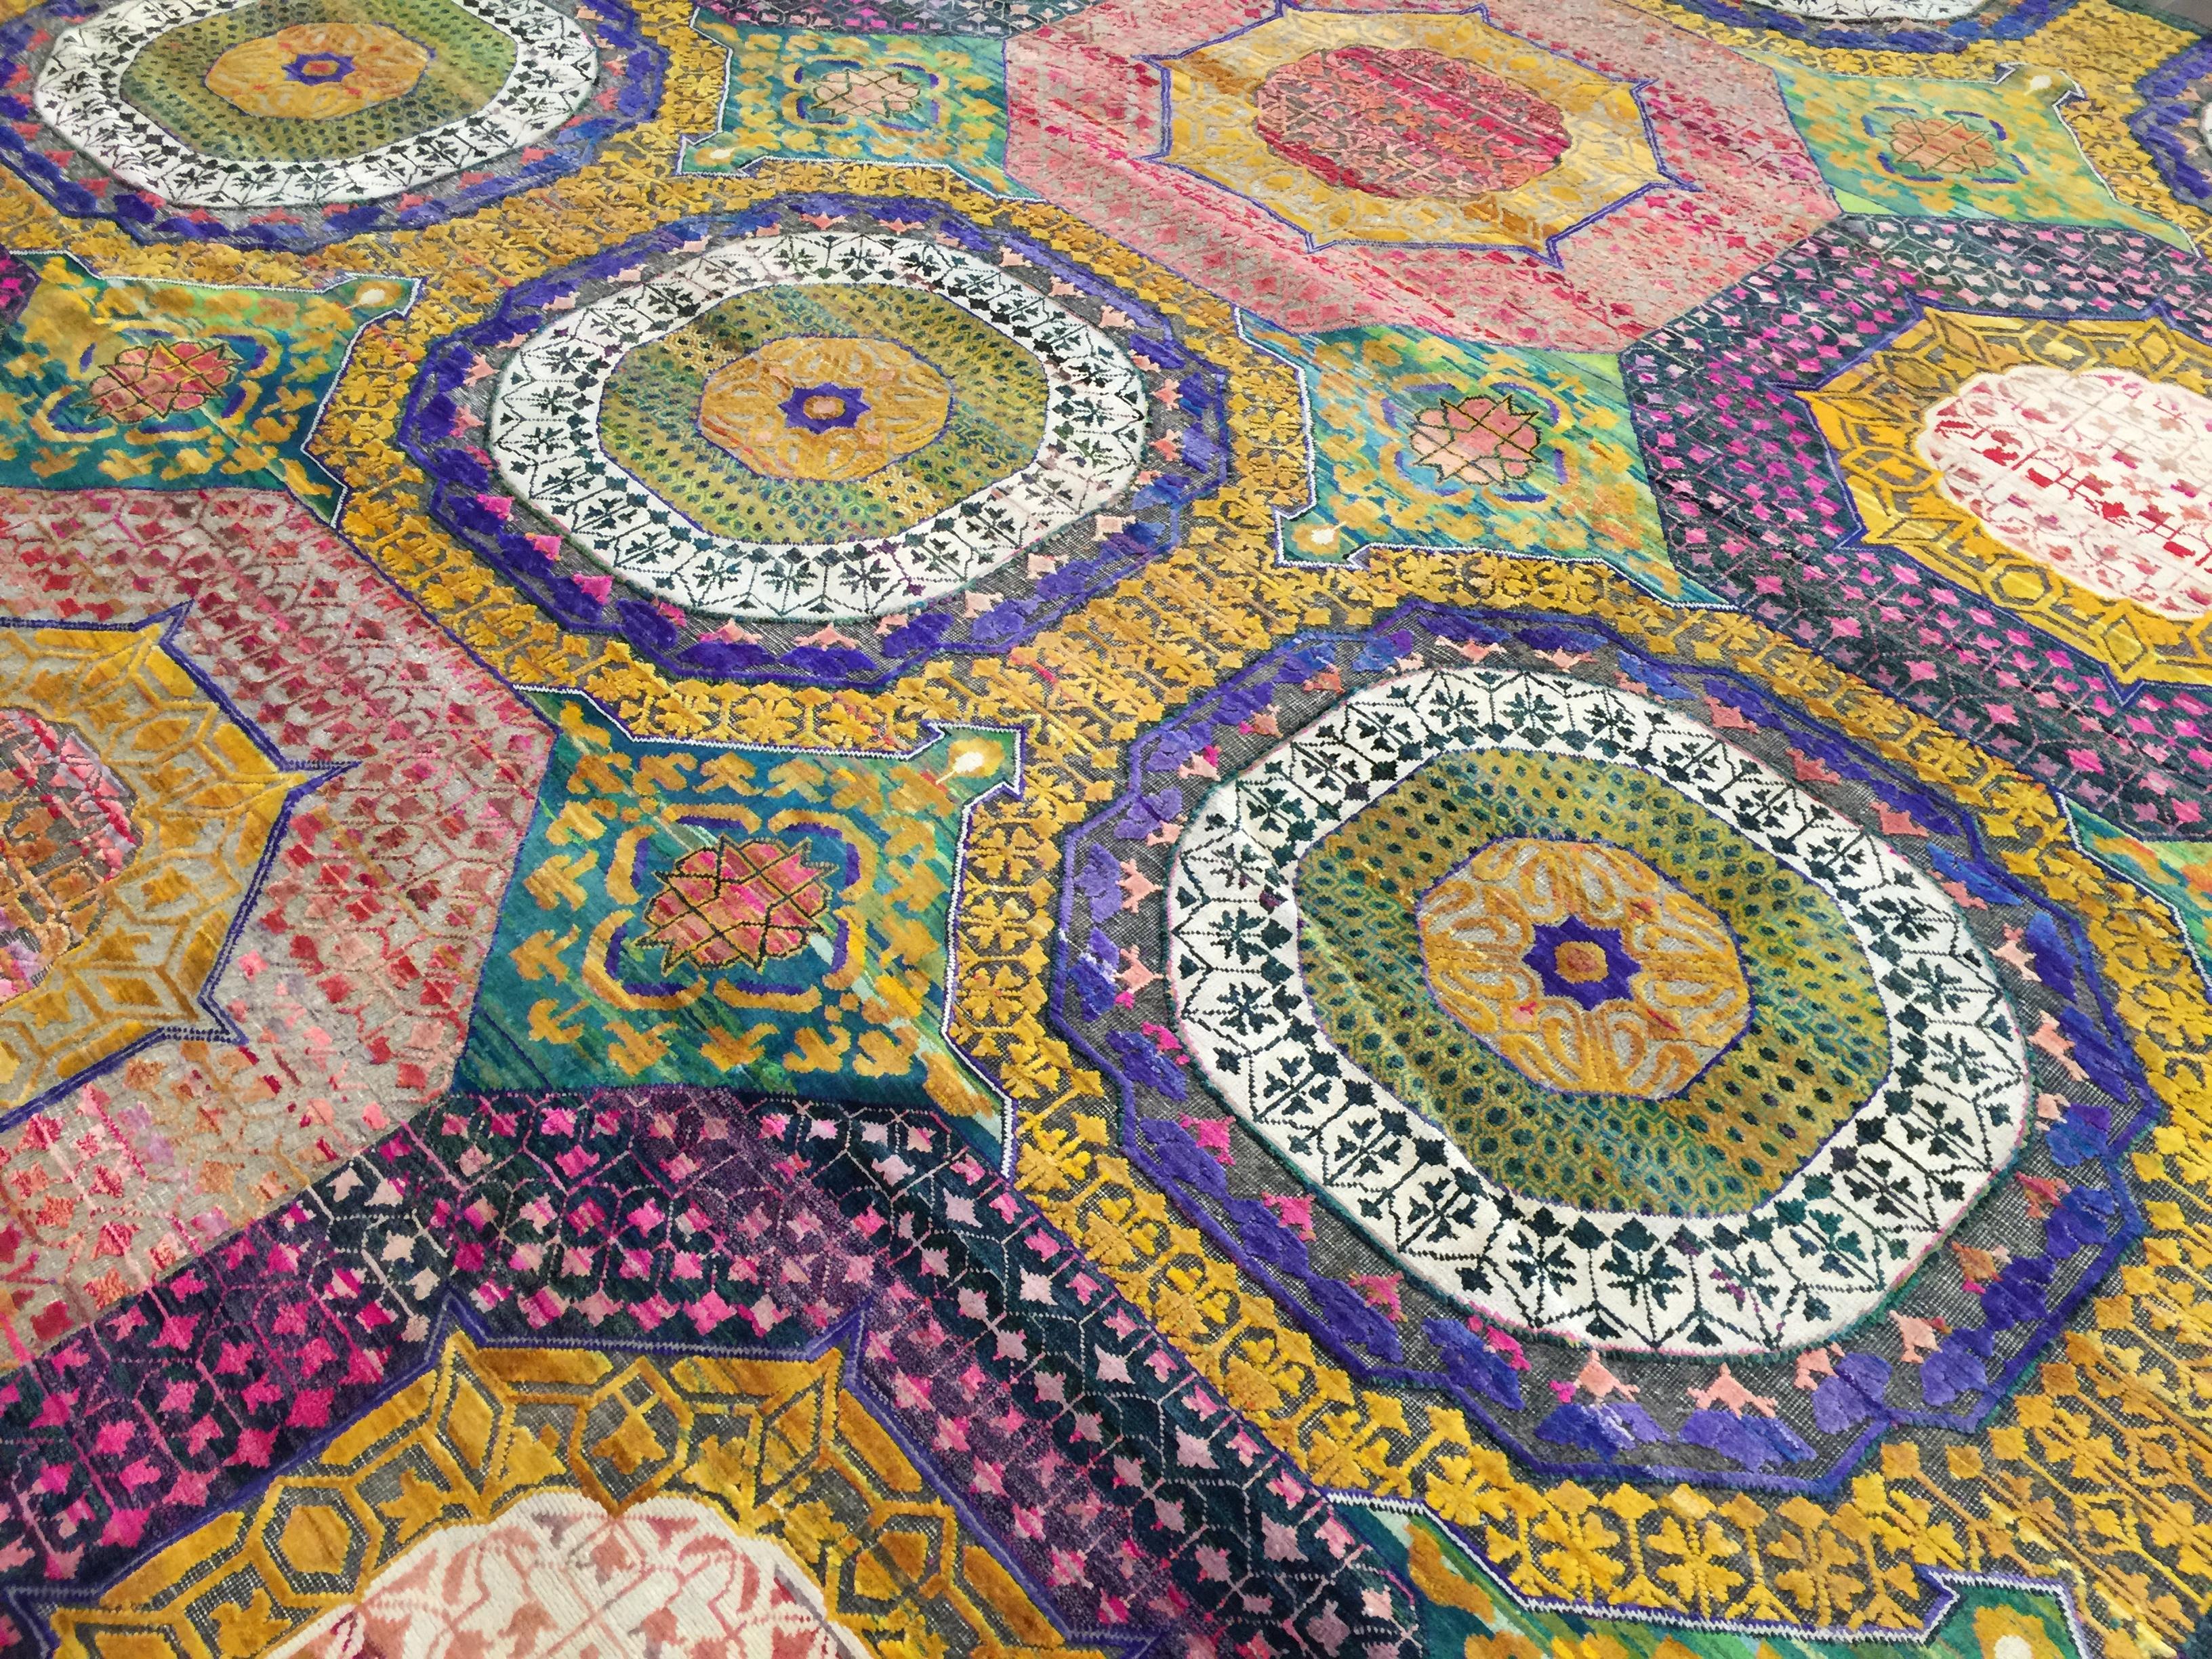 9A0216 Indian Sari Mamluk 9x12   (5)